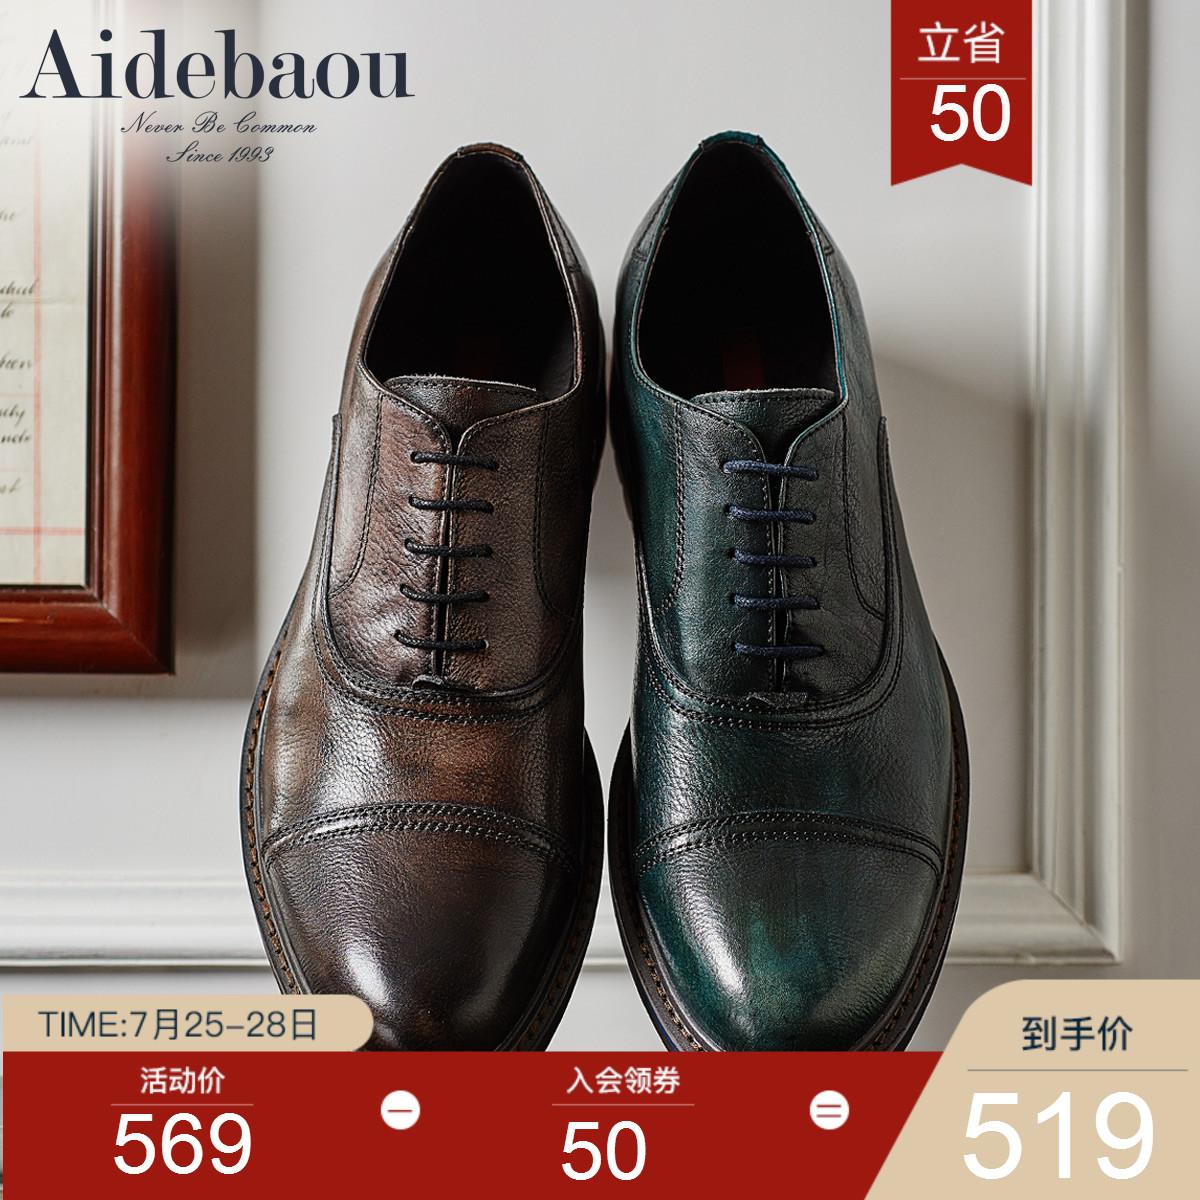 愛得堡皮鞋男增高皮鞋商務皮鞋男鞋英倫黑色男士休閒皮鞋結婚男鞋